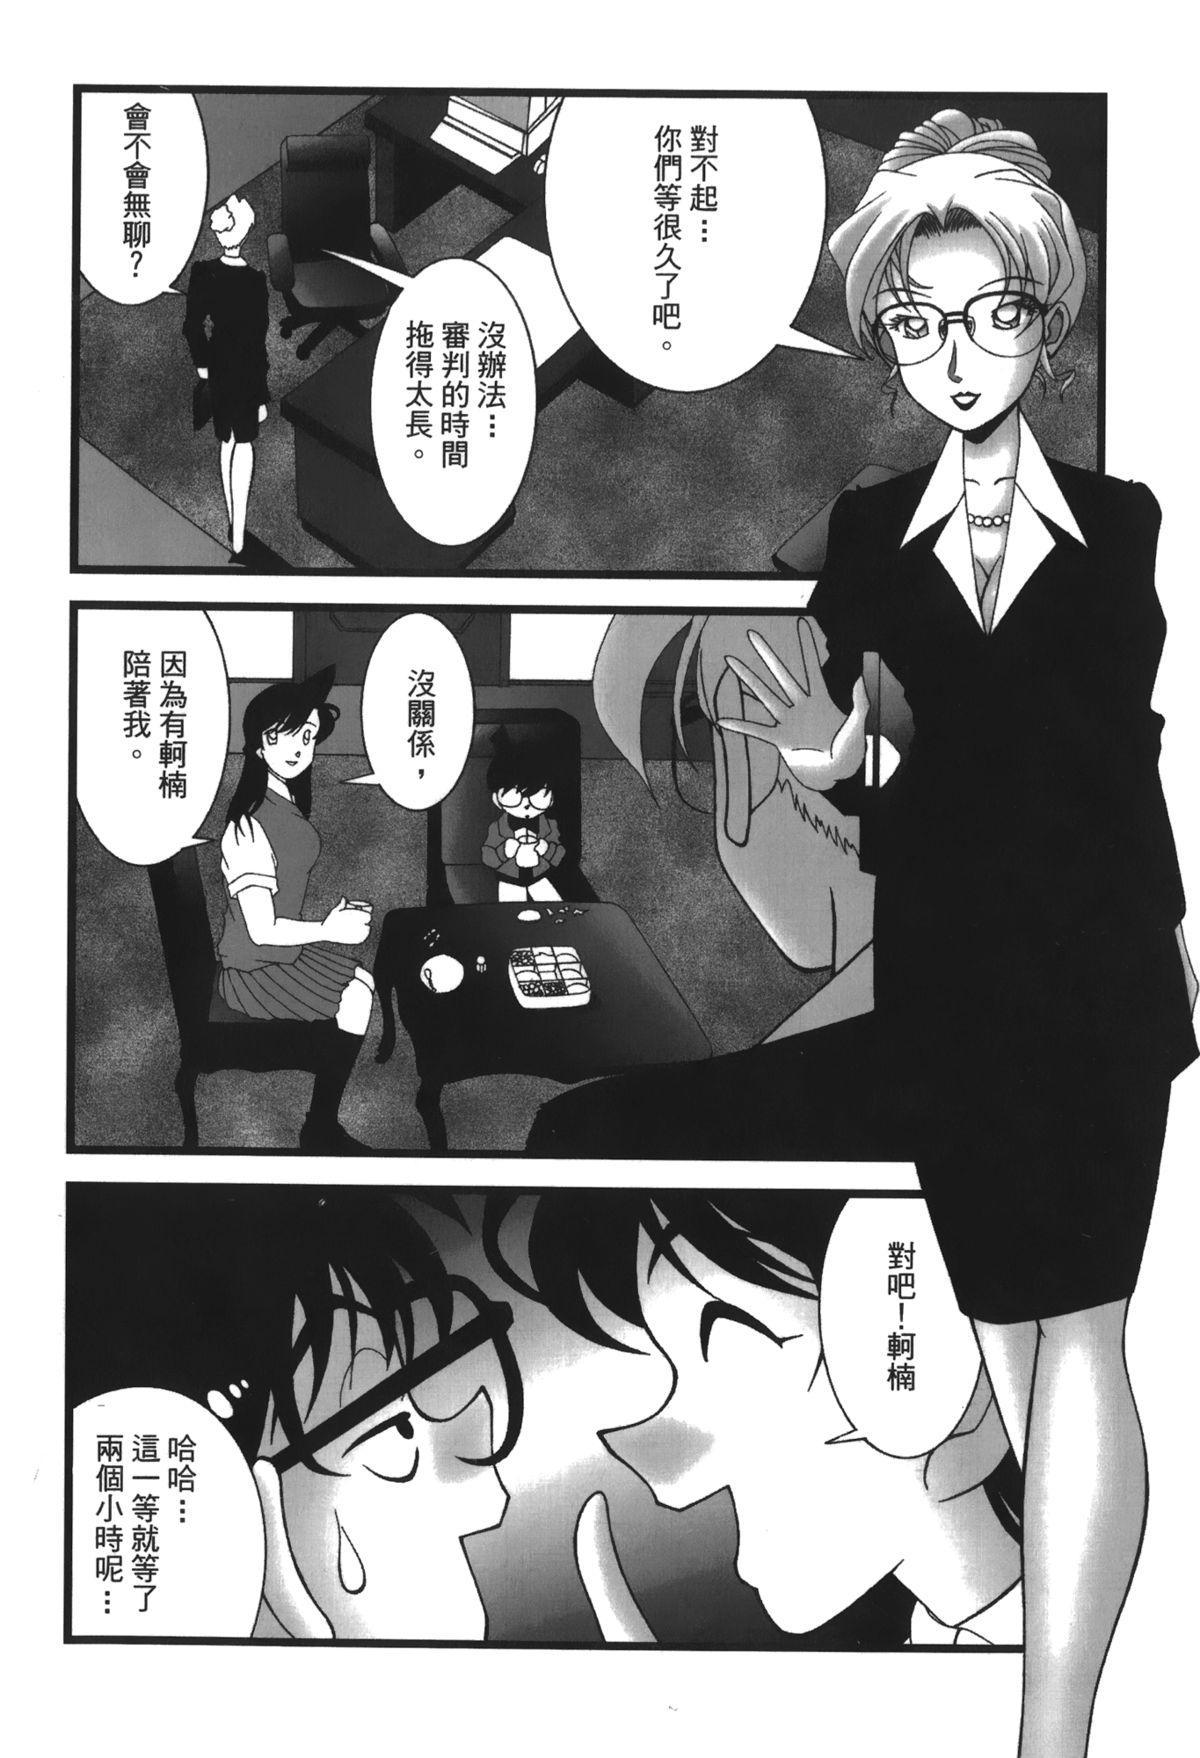 Detective Assistant Vol. 13 26